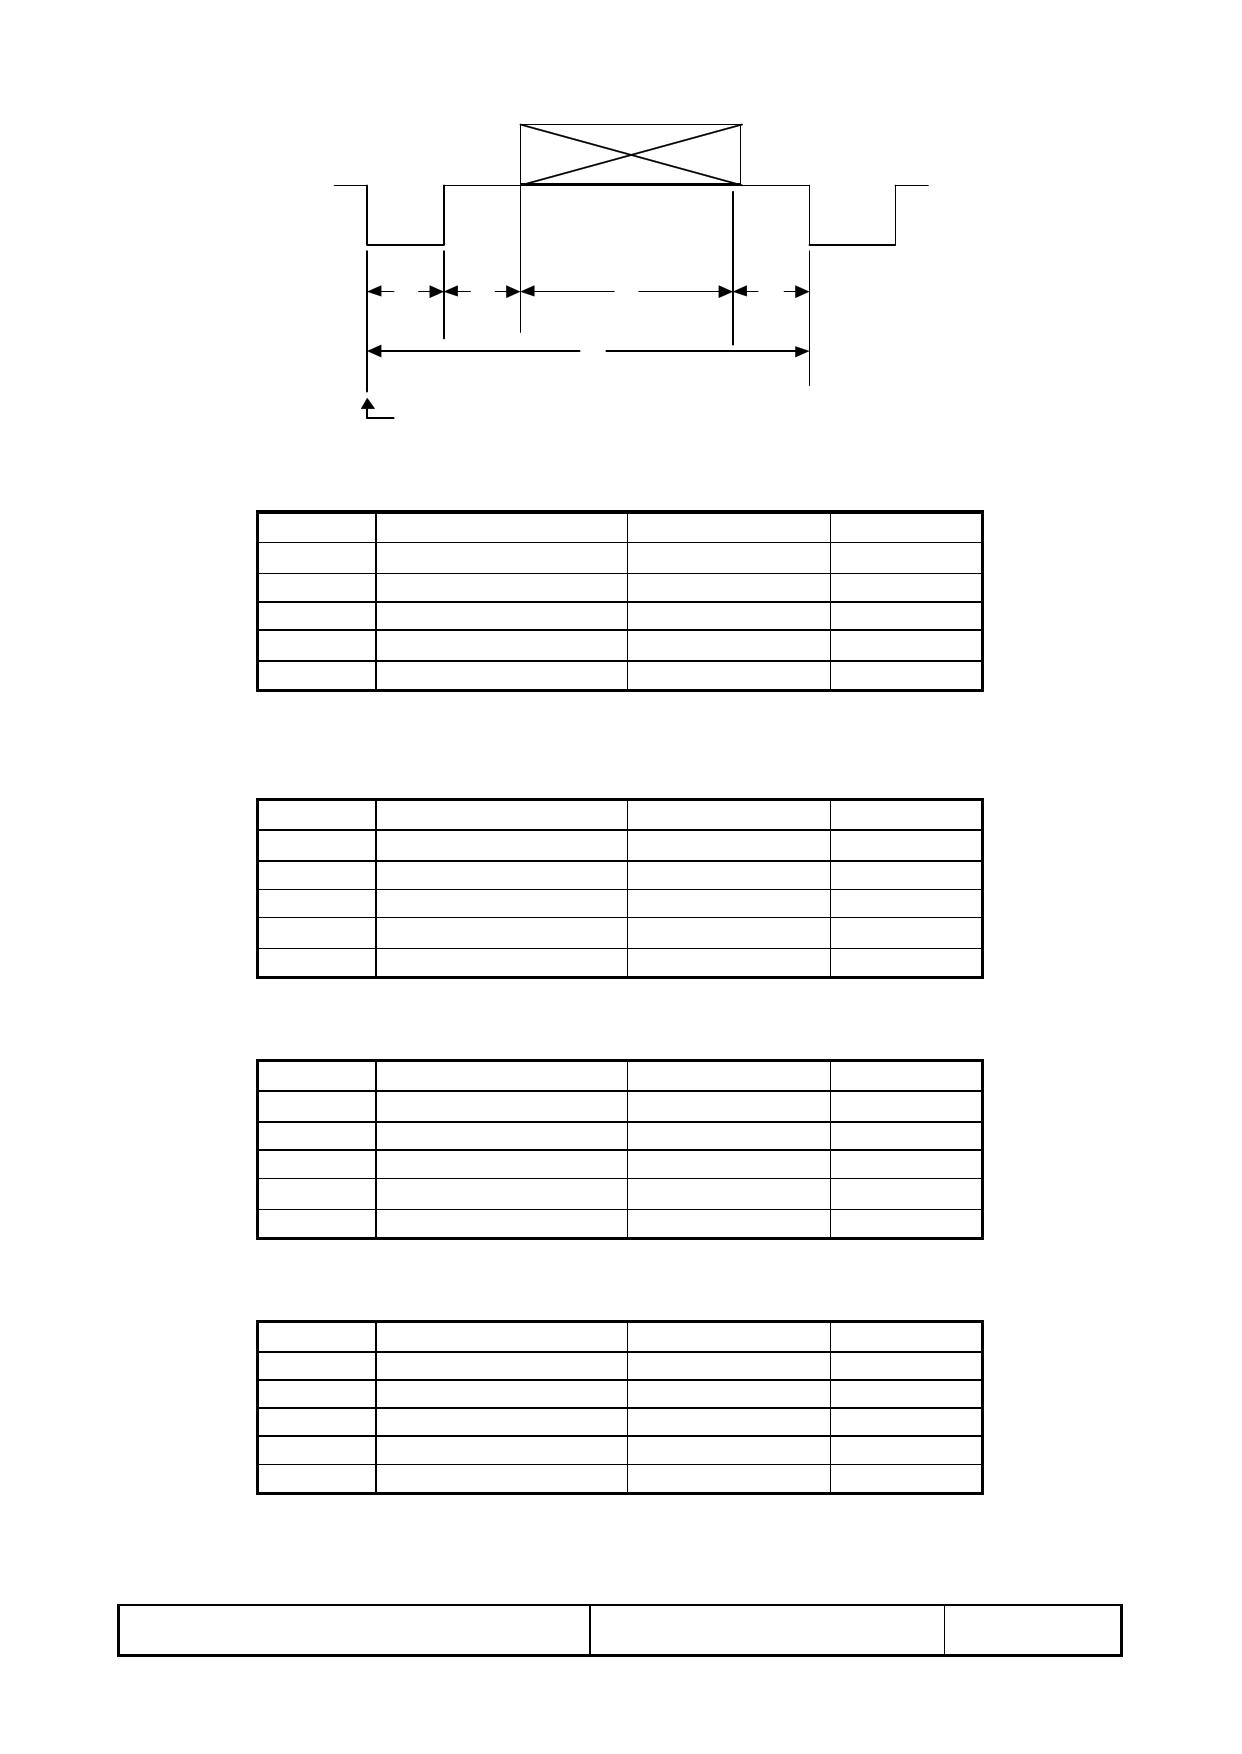 T-51382D064-FW-P-AC arduino